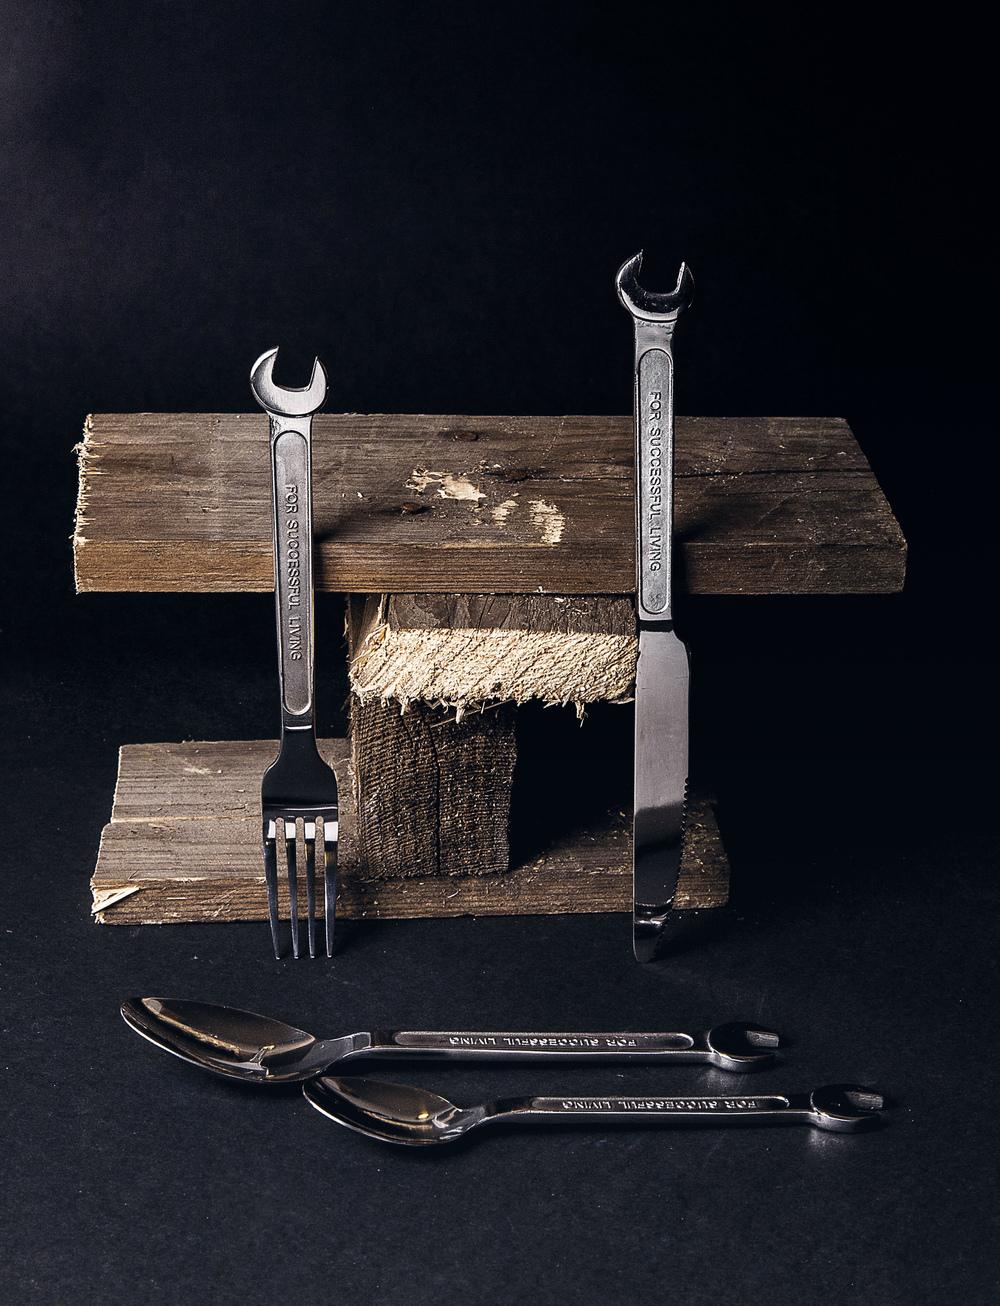 DIY Cutlery, Courtesy Seletti